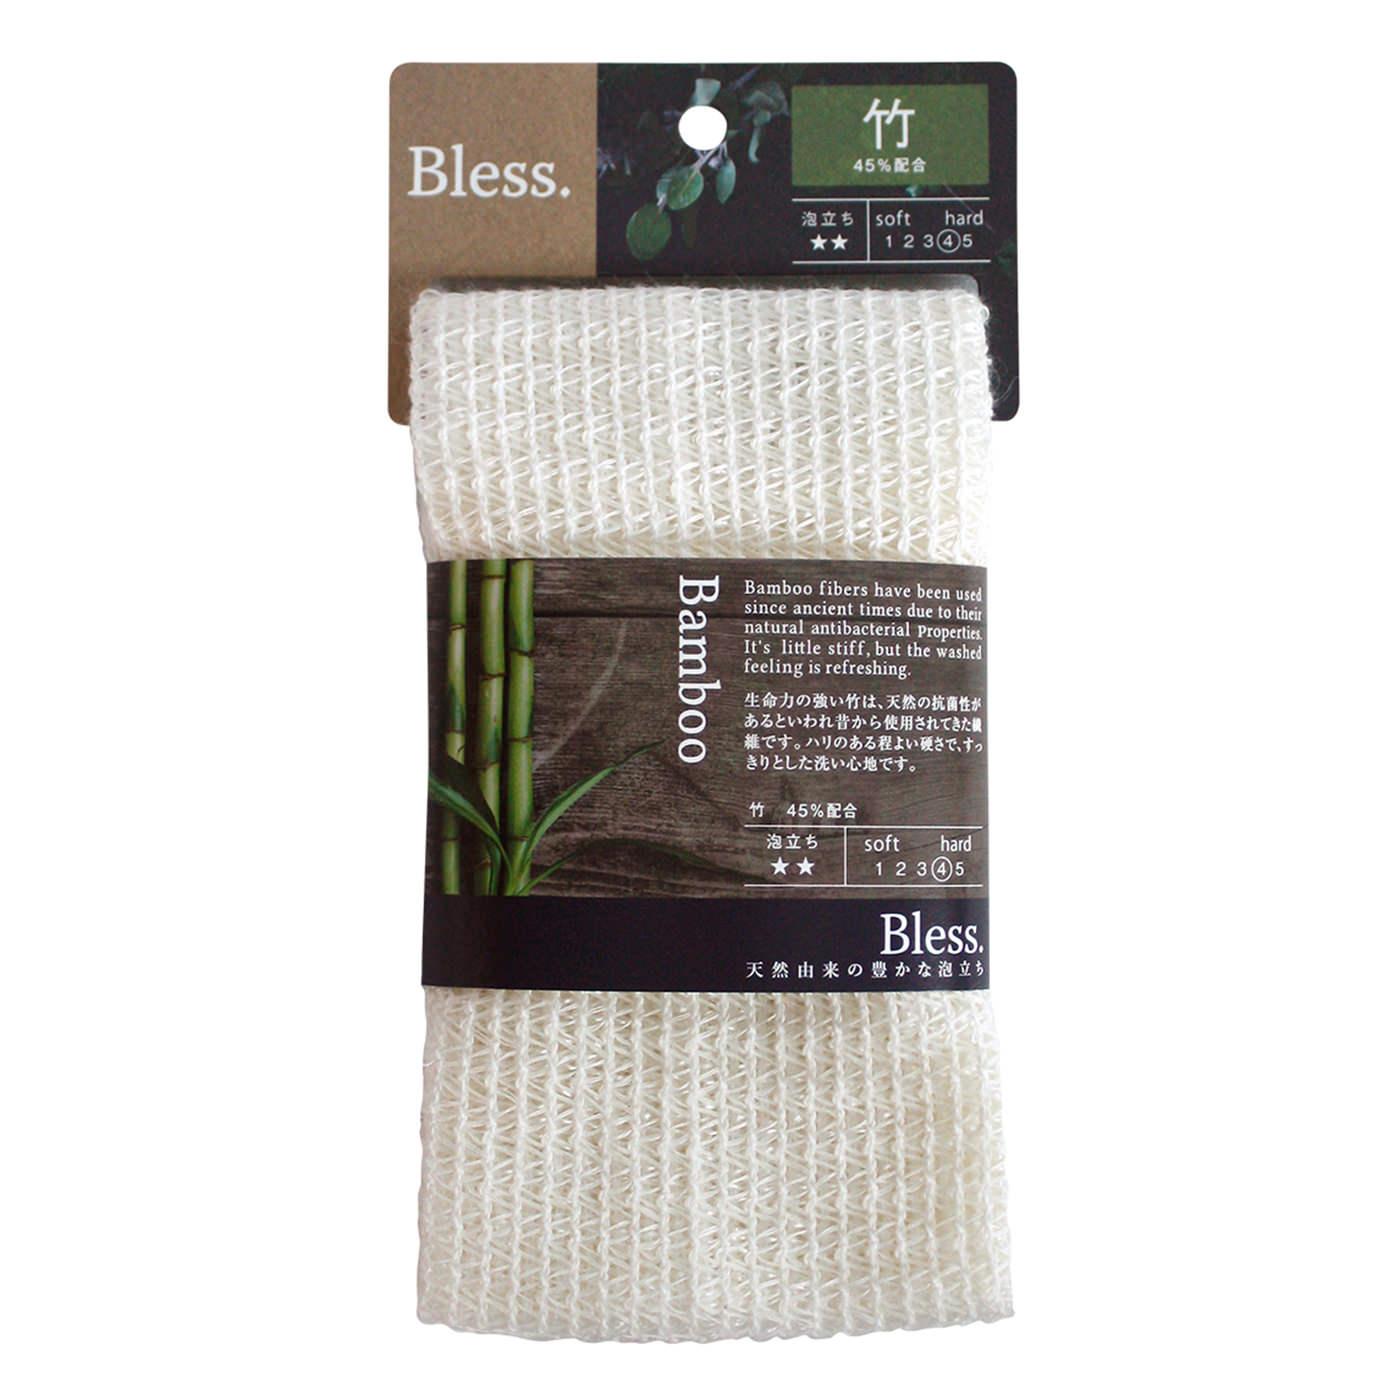 自然の恵みを素肌に感じられるバスグッズ ブレスボディータオル〈竹〉